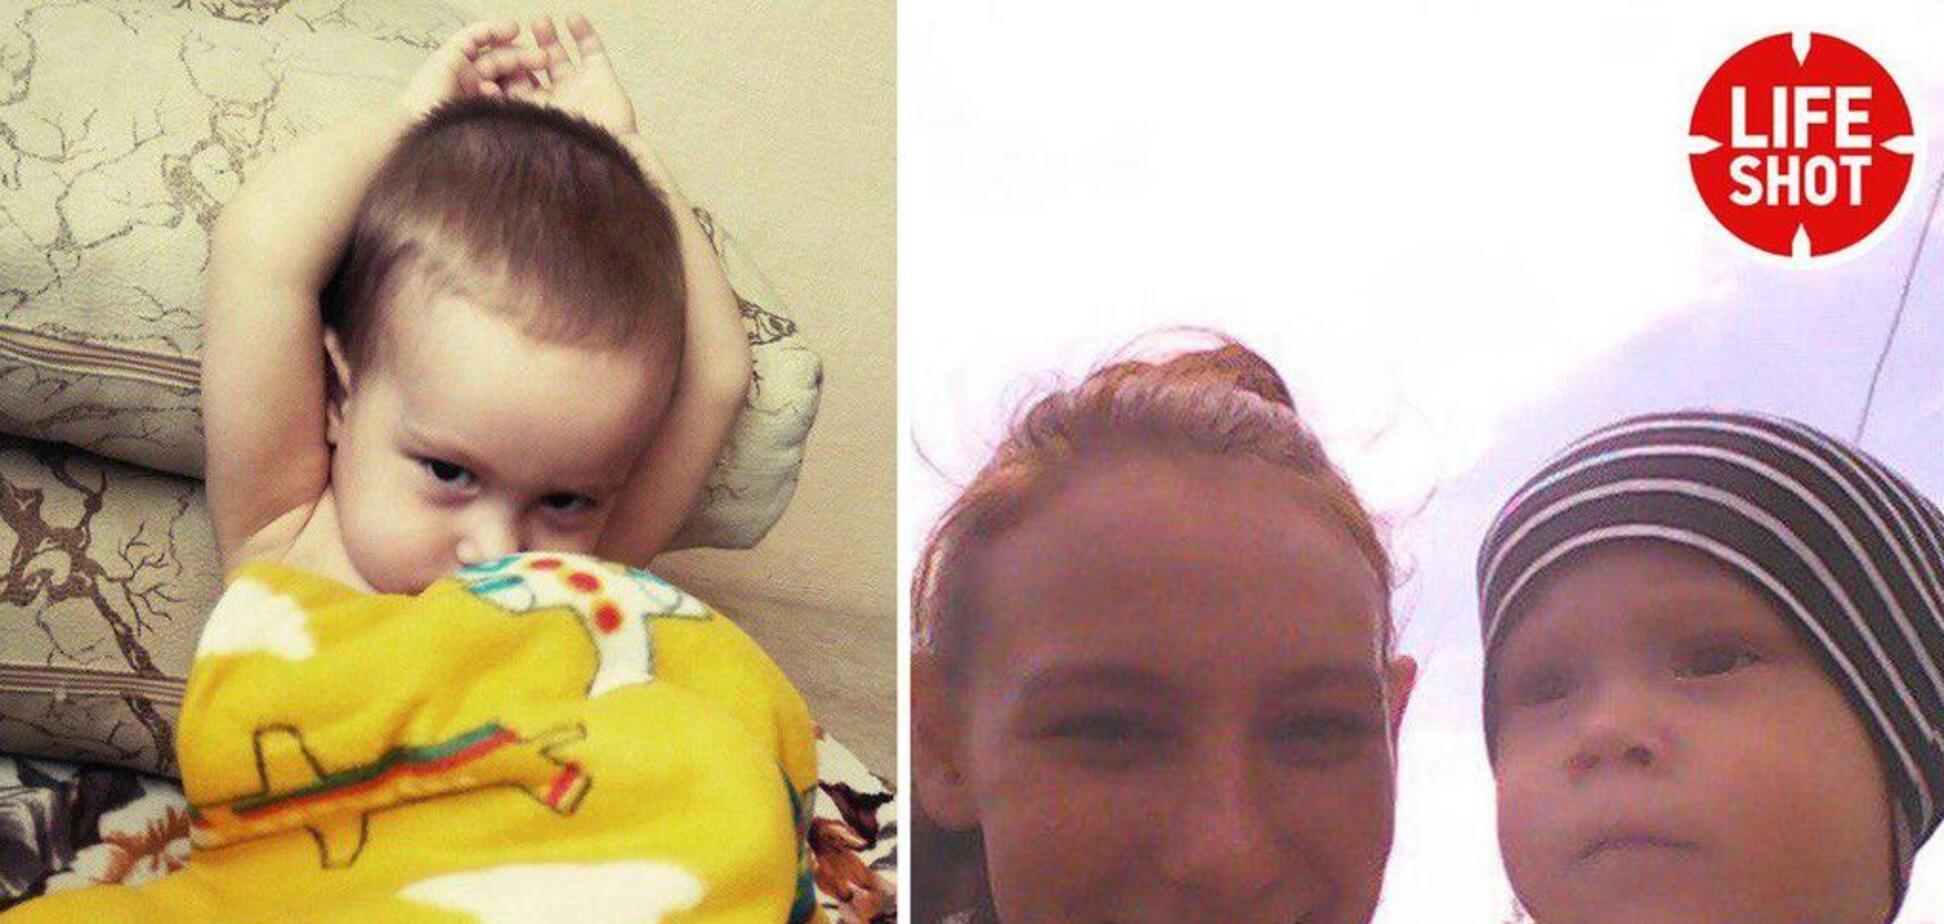 Дід спалив дворічного внука у печі: з'явилися моторошні подробиці трагедії в Росії